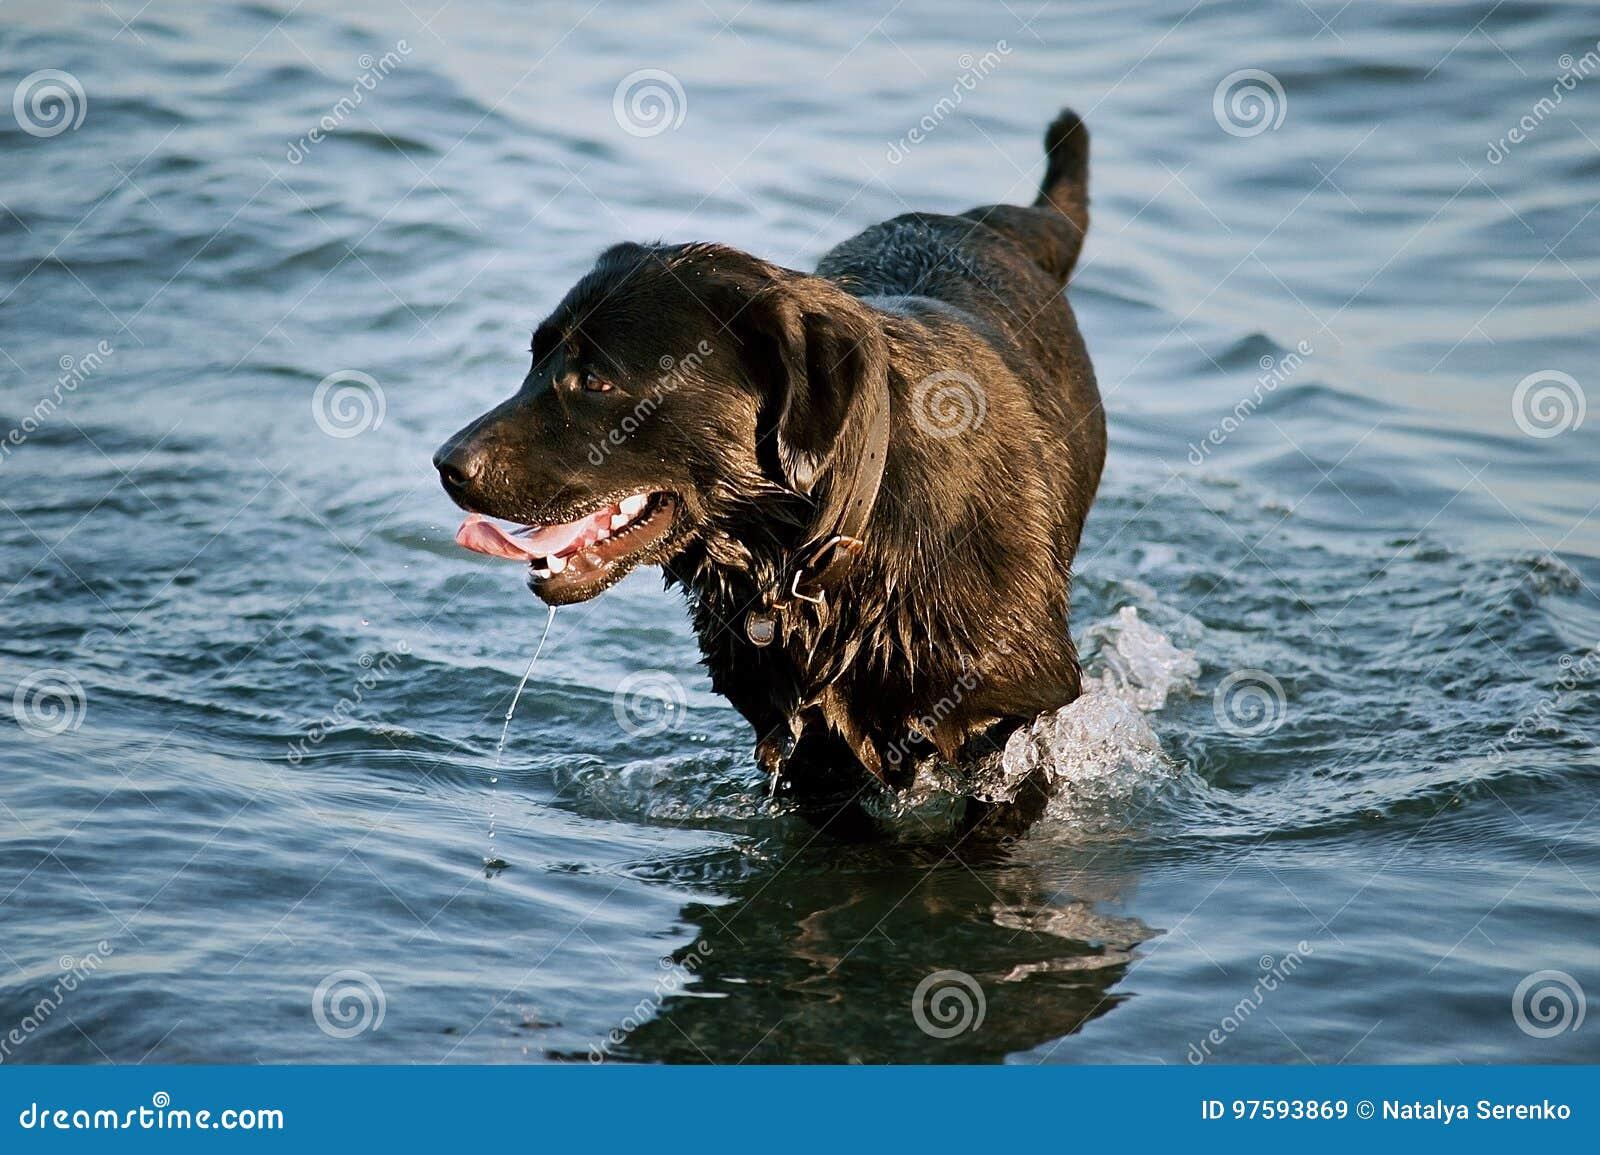 Το μεγάλο μαύρο σκυλί λούζεται στο νερό retriever του Λαμπραντόρ χρυσά τρεξίματα σκυλιών στο νερό στη θάλασσα